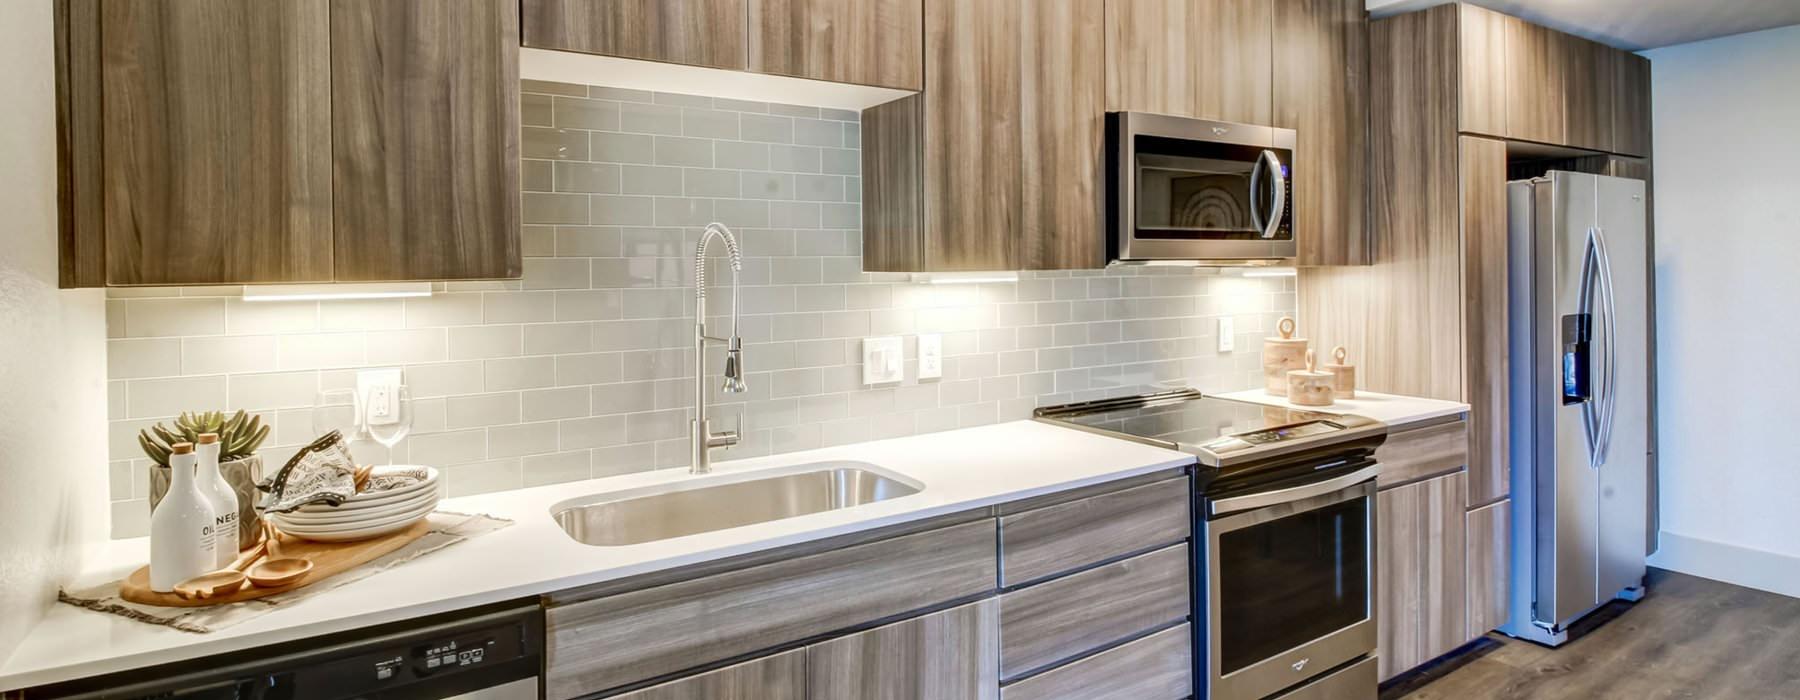 open, bright kitchen